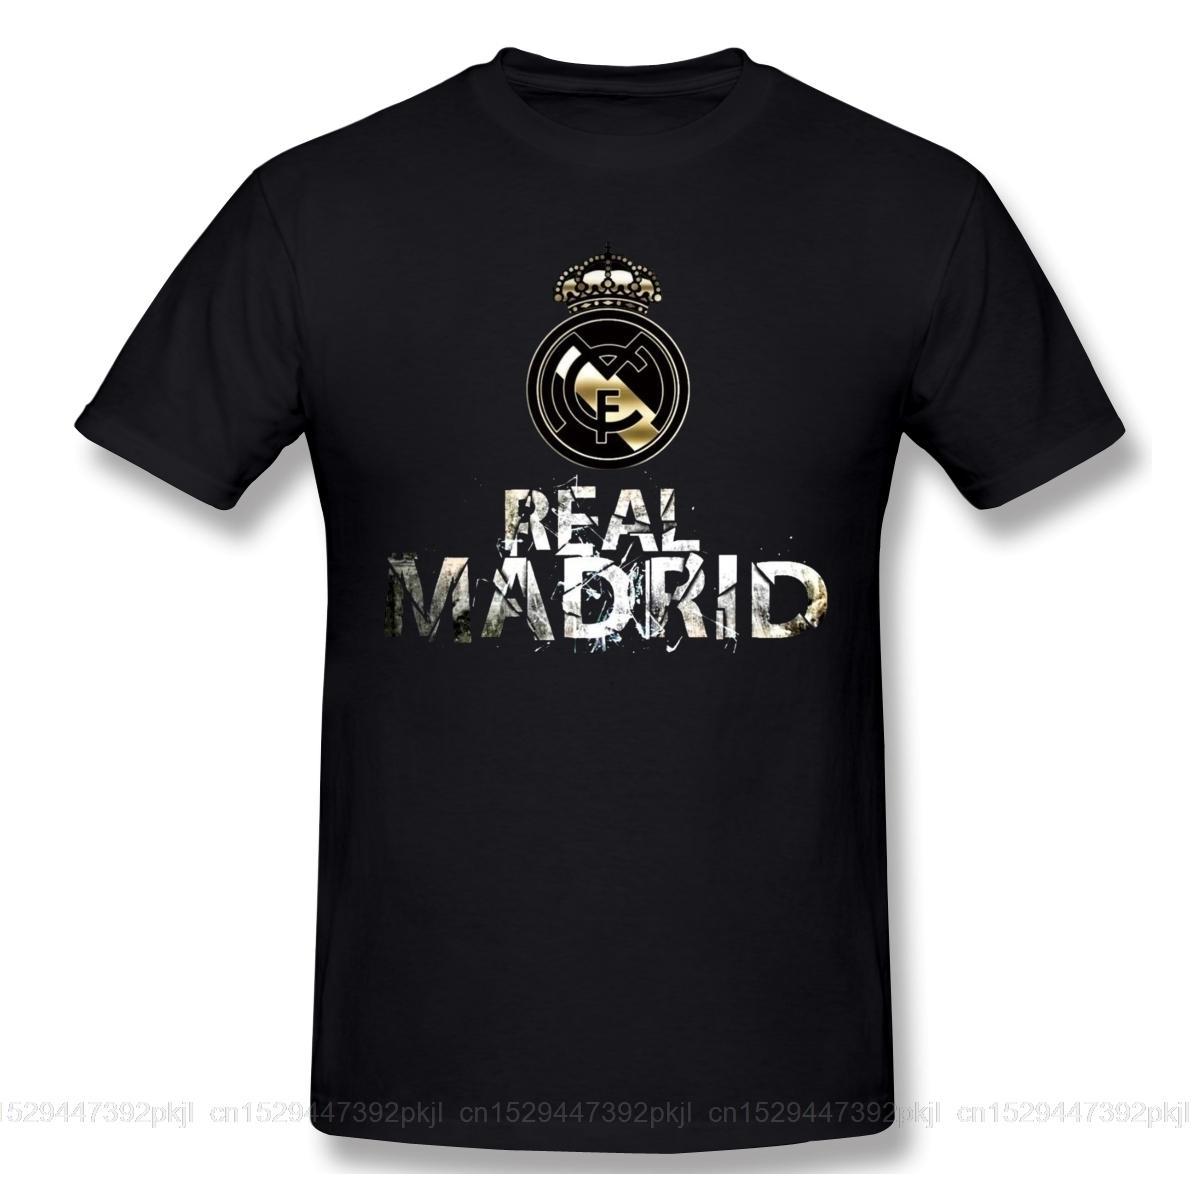 Enfriar real Madrided logotipo divertido camiseta de los hombres verano de las mujeres del cuello de O Casual Camiseta de algodón Camiseta gráfica del cuello de equipo Top T200516